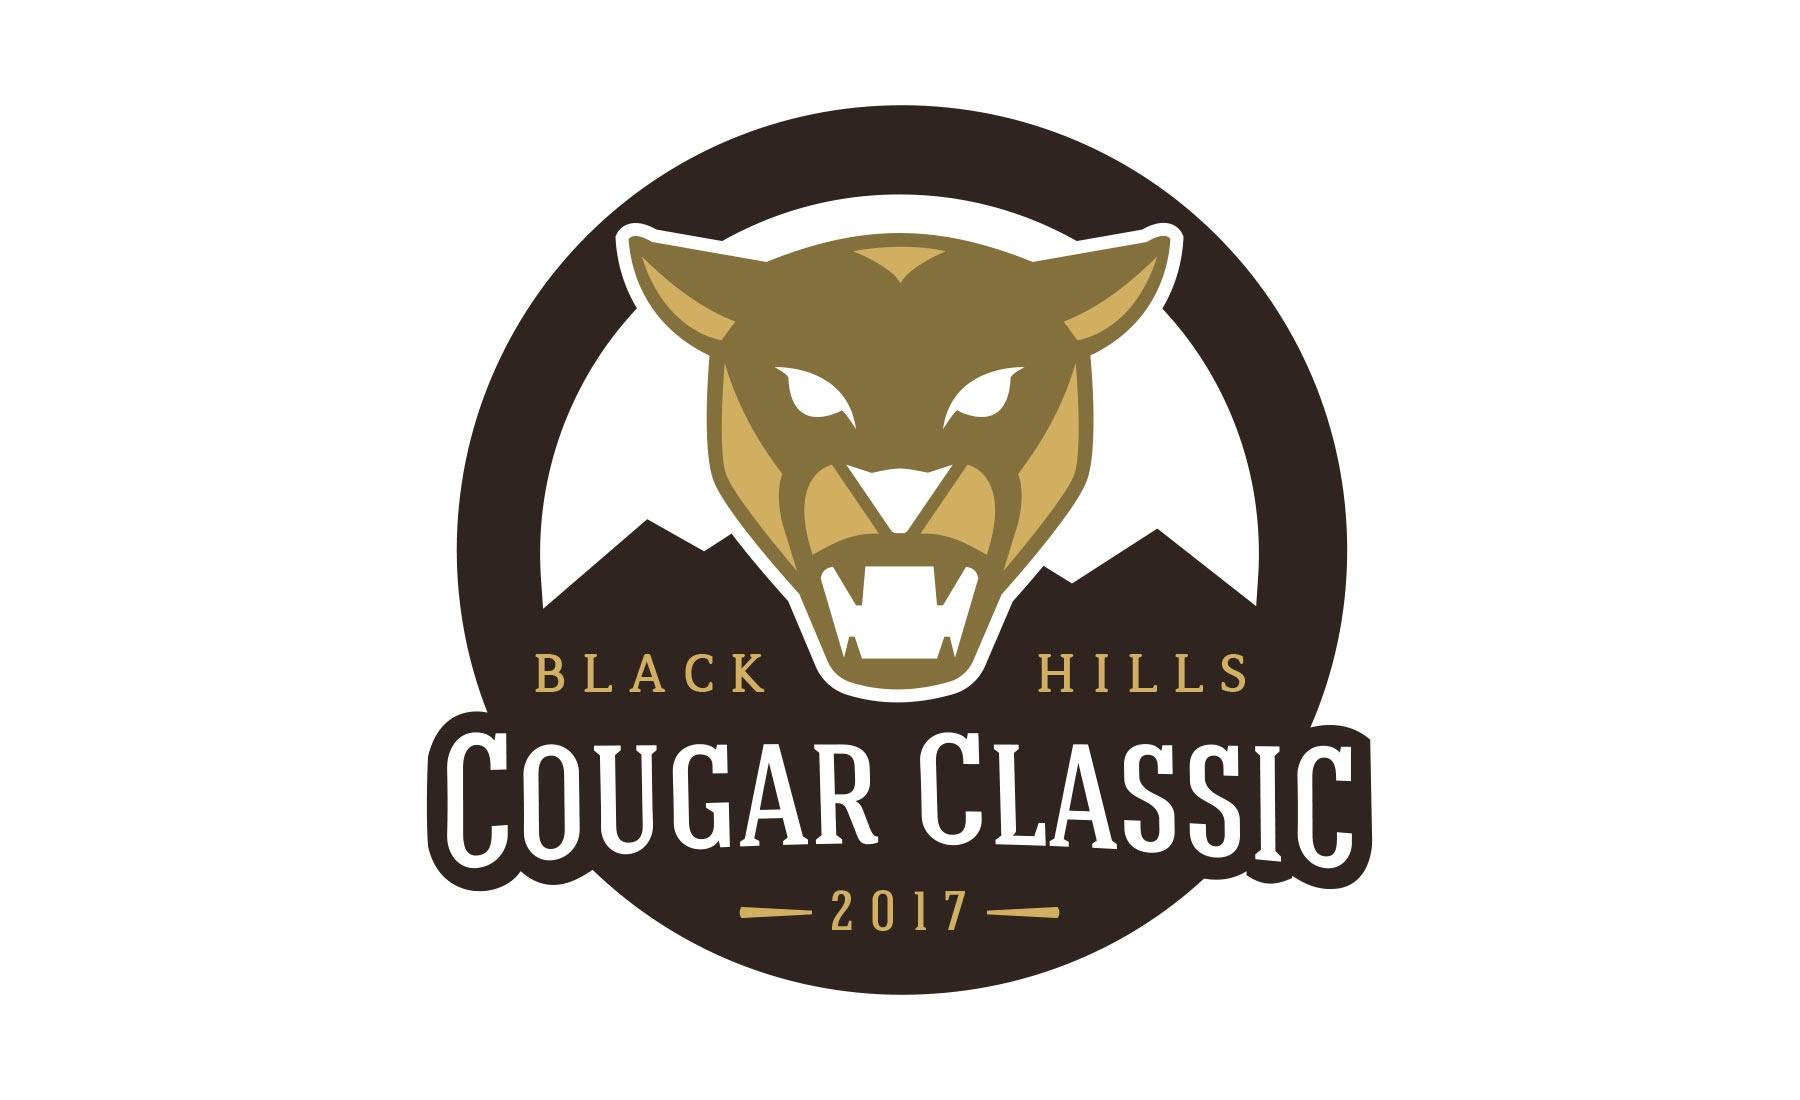 Black Hills Cougar Classic logo